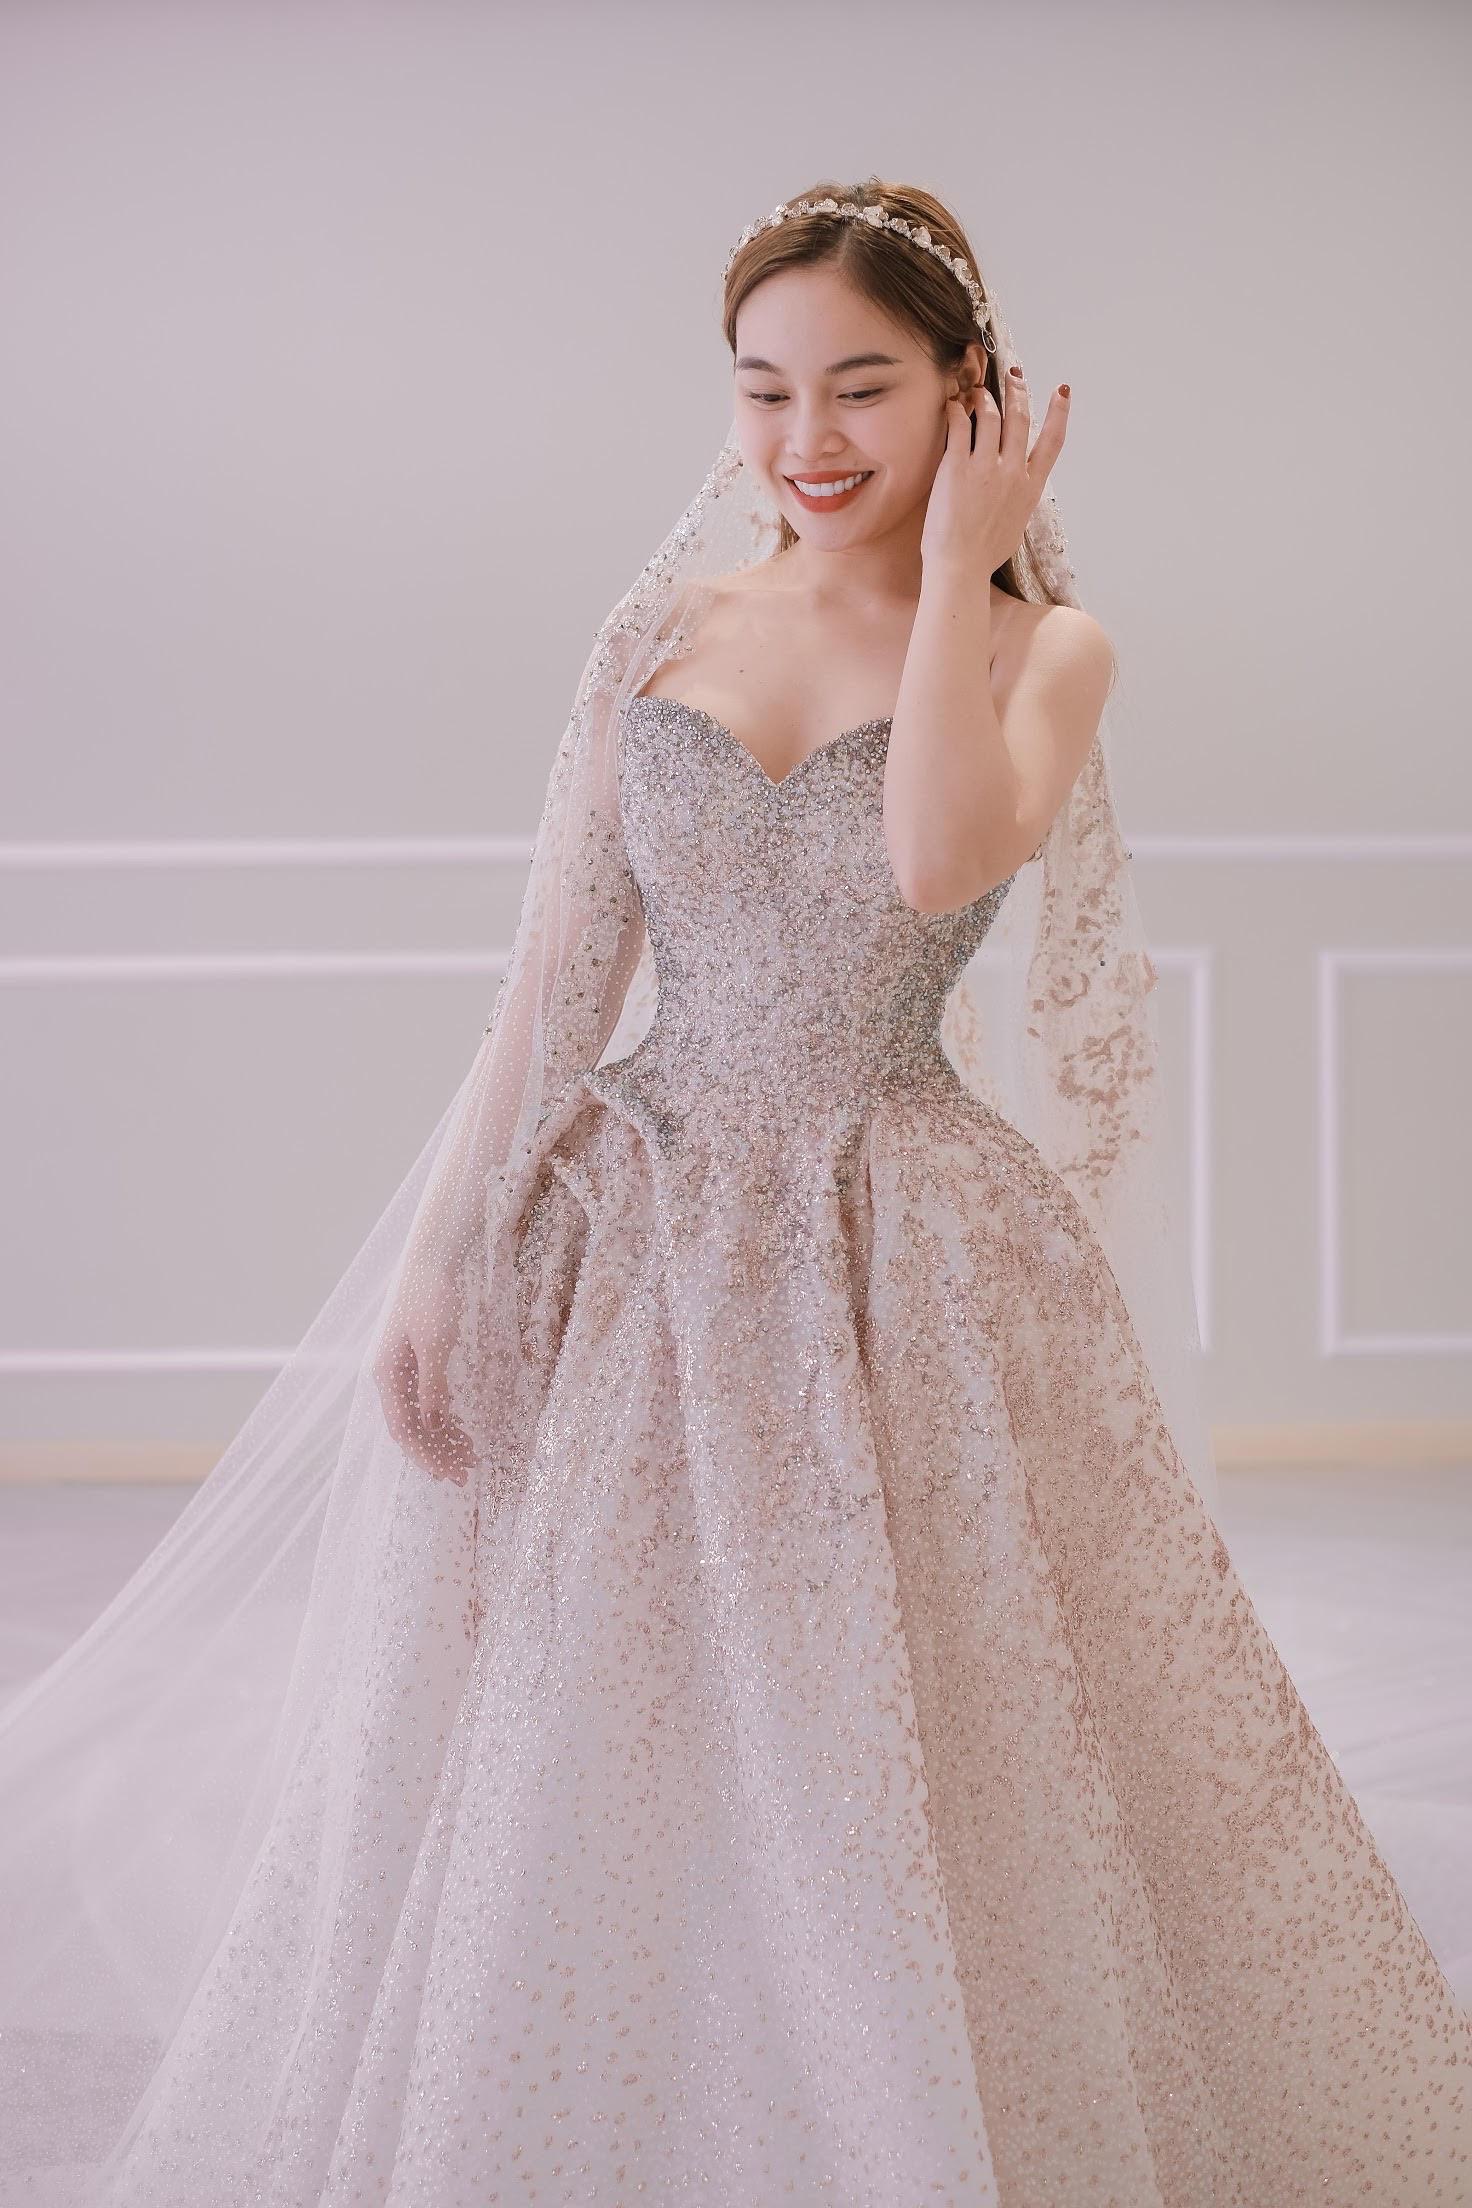 Sau Đông Nhi, Bảo Thy, đến lượt Giang Hồng Ngọc thử váy trước thềm đám cưới - Ảnh 8.